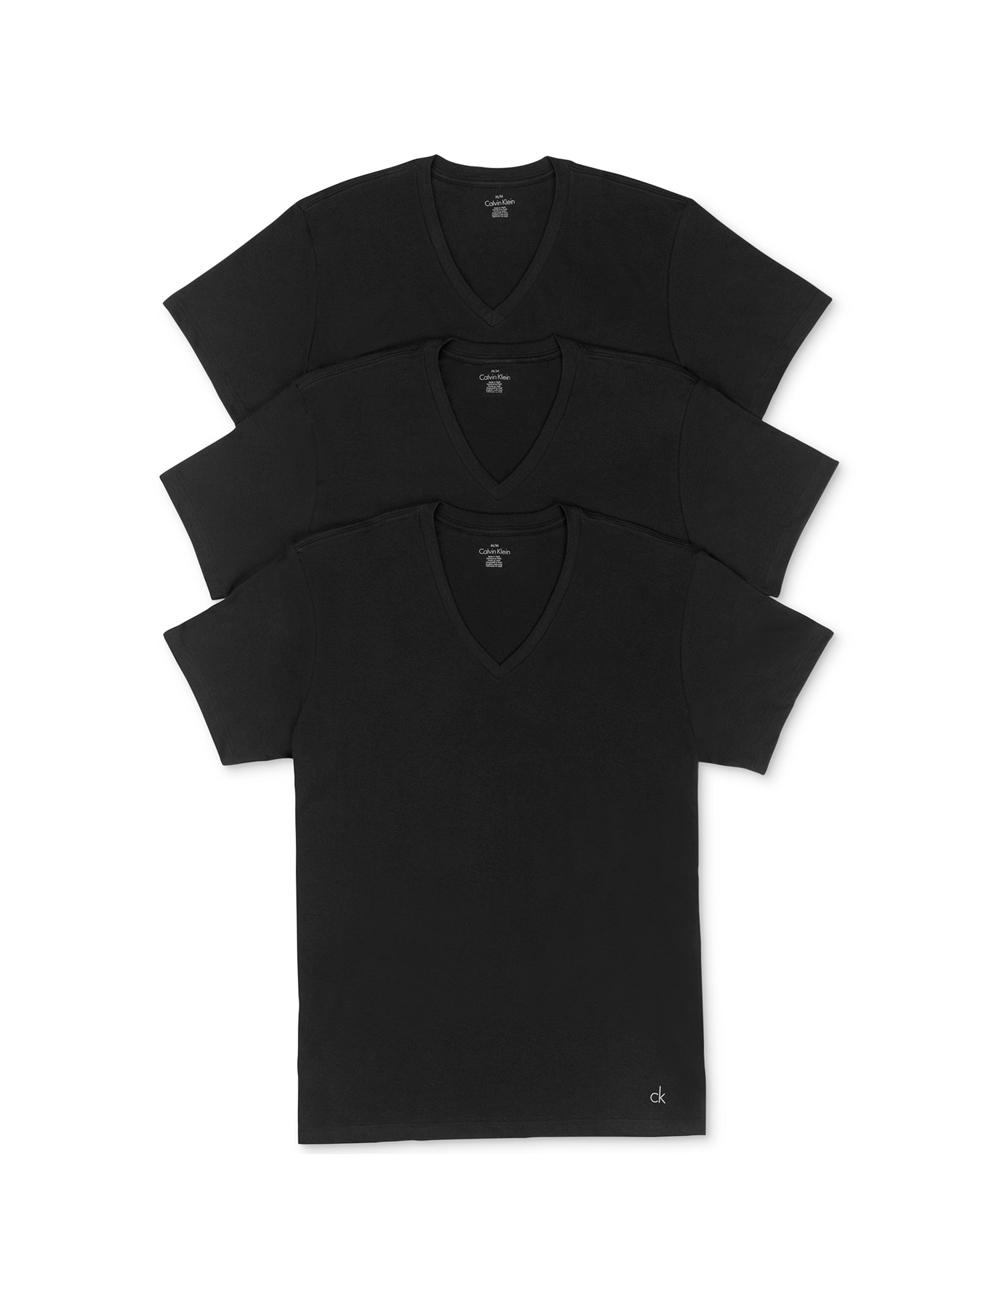 b4e202f314d69b 3er-Pack Herren-T-Shirt von Calvin Klein